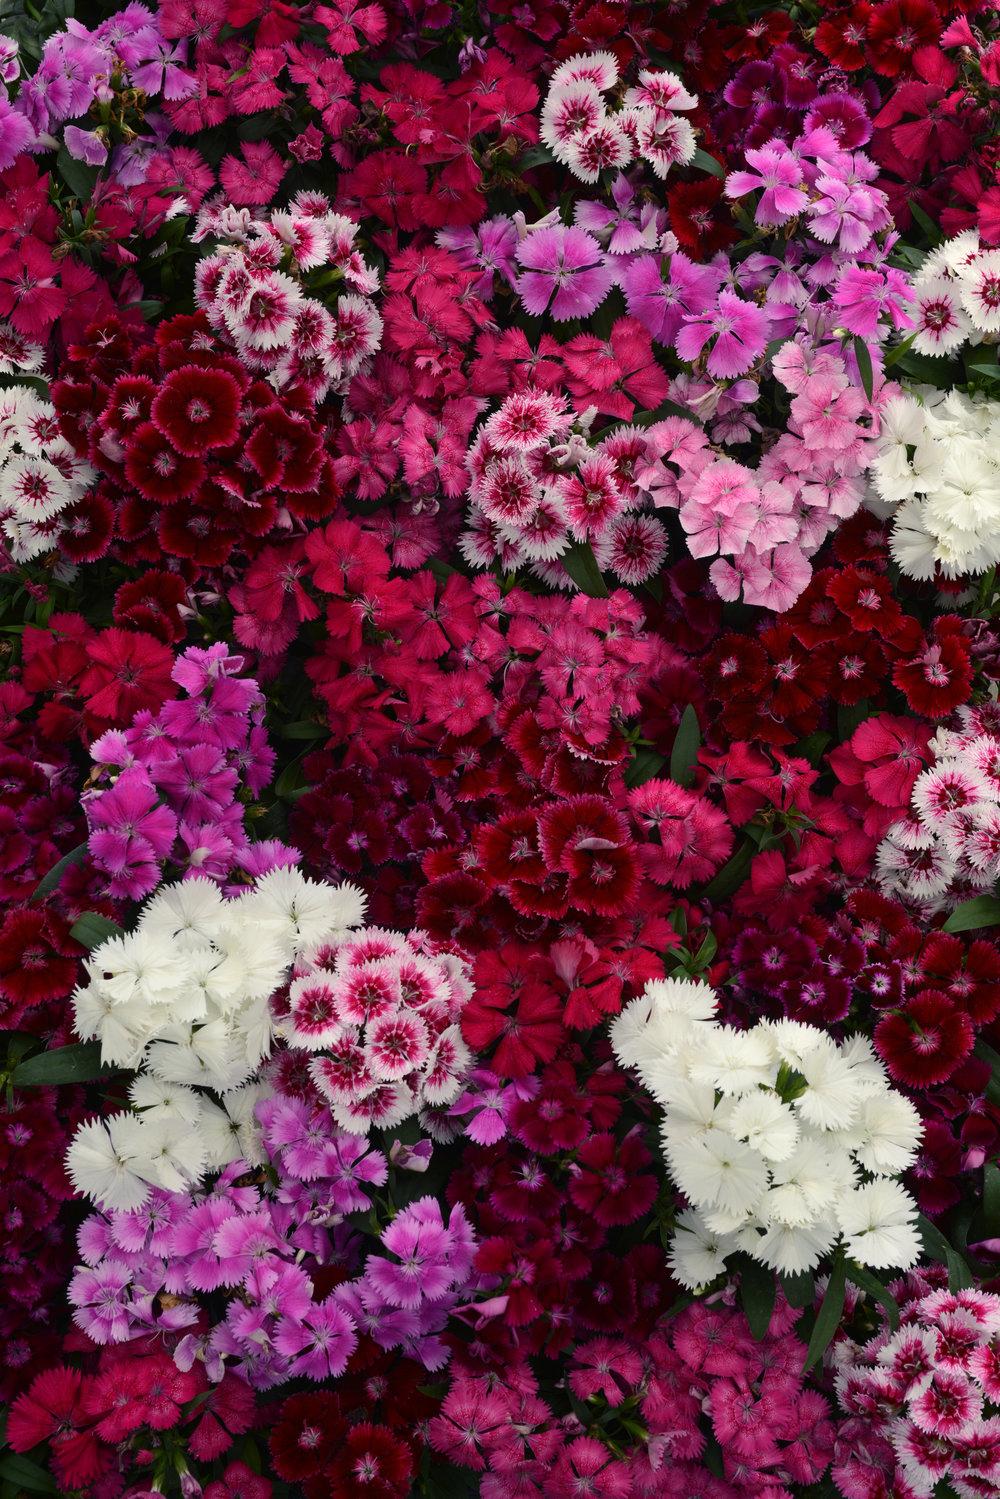 Dianthus Floral Lace Series